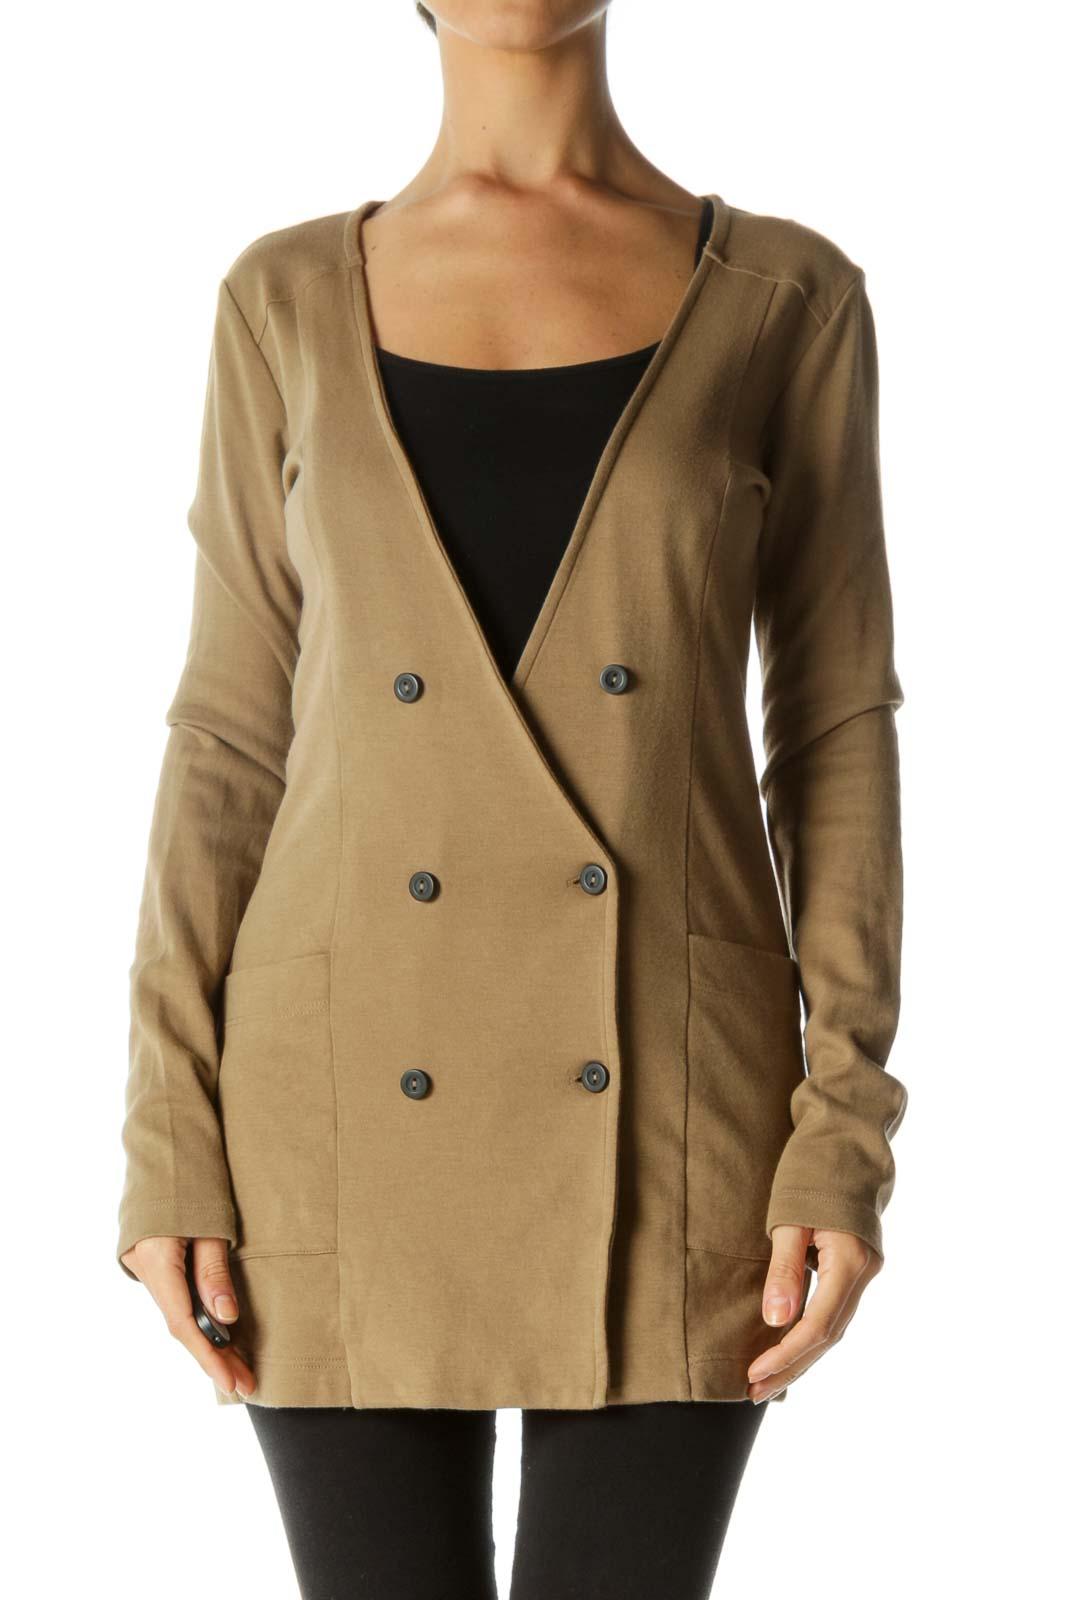 Beige Deep V-Neck Pocketed Buttoned Soft Jacket Front